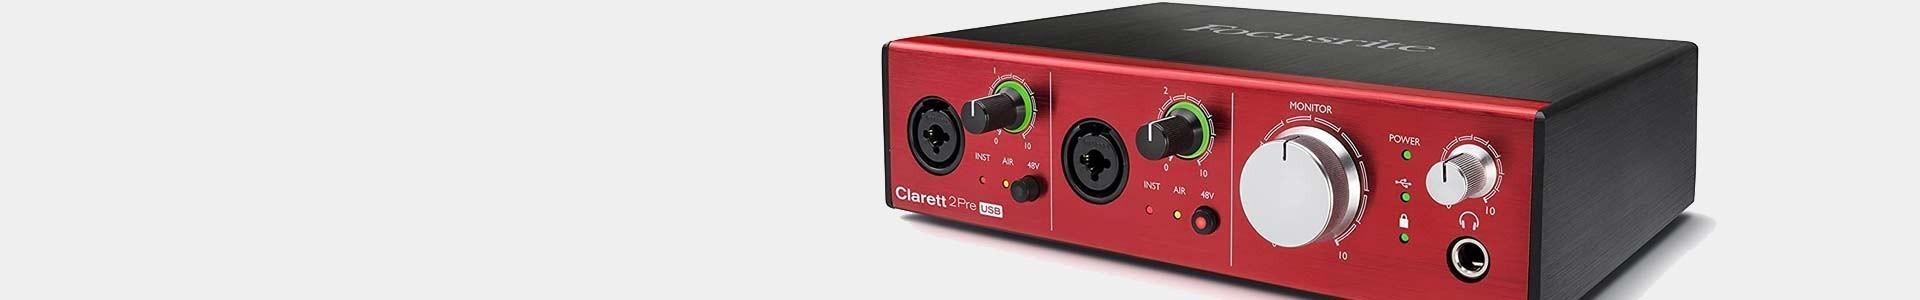 Focusrite - Interfaces for audio recording - Avacab